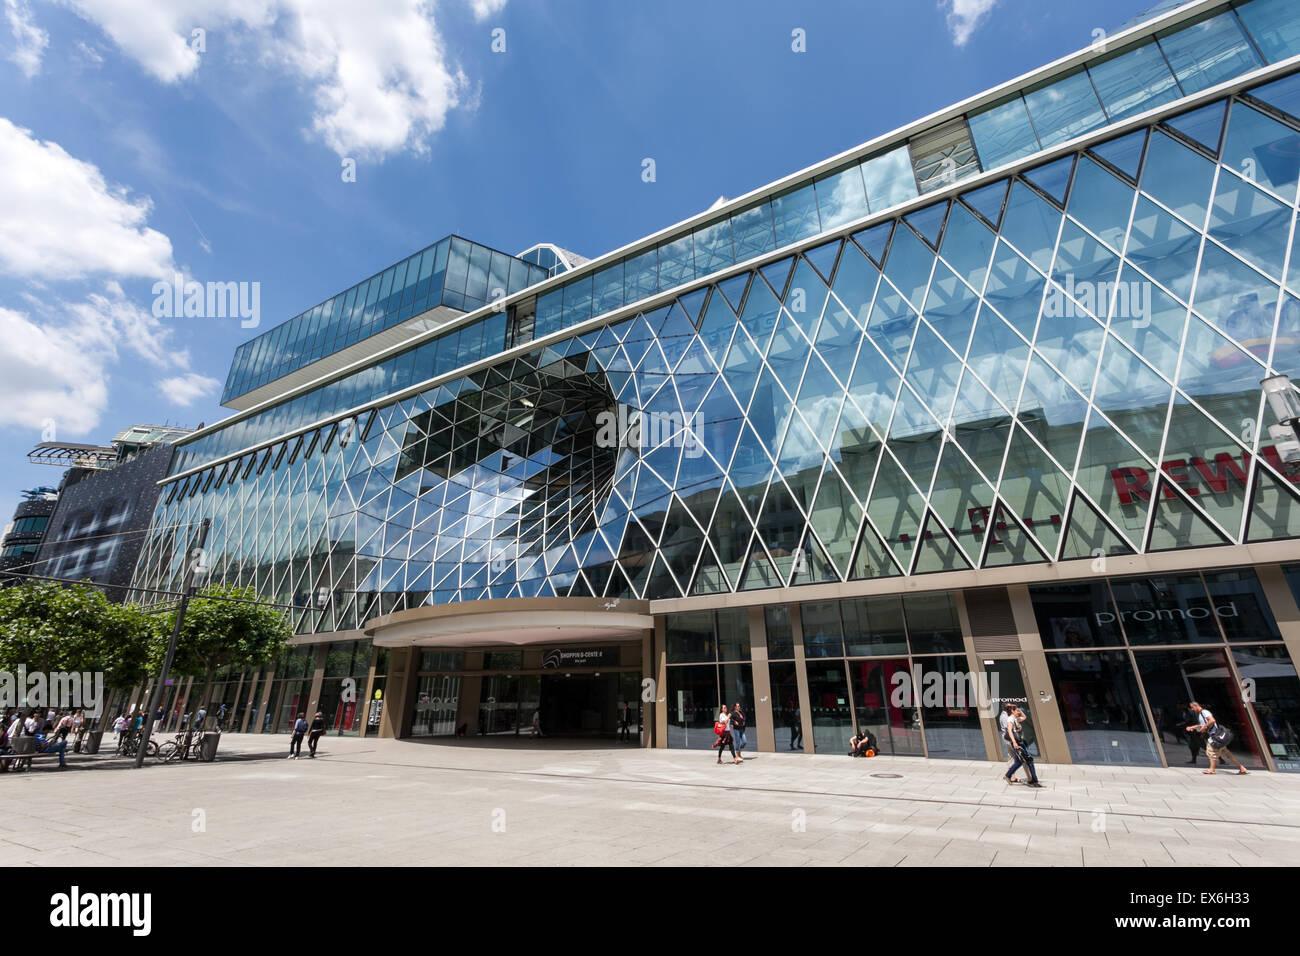 modernes einkaufszentrum myzeil in frankfurt main deutschland stockfoto bild 84967655 alamy. Black Bedroom Furniture Sets. Home Design Ideas